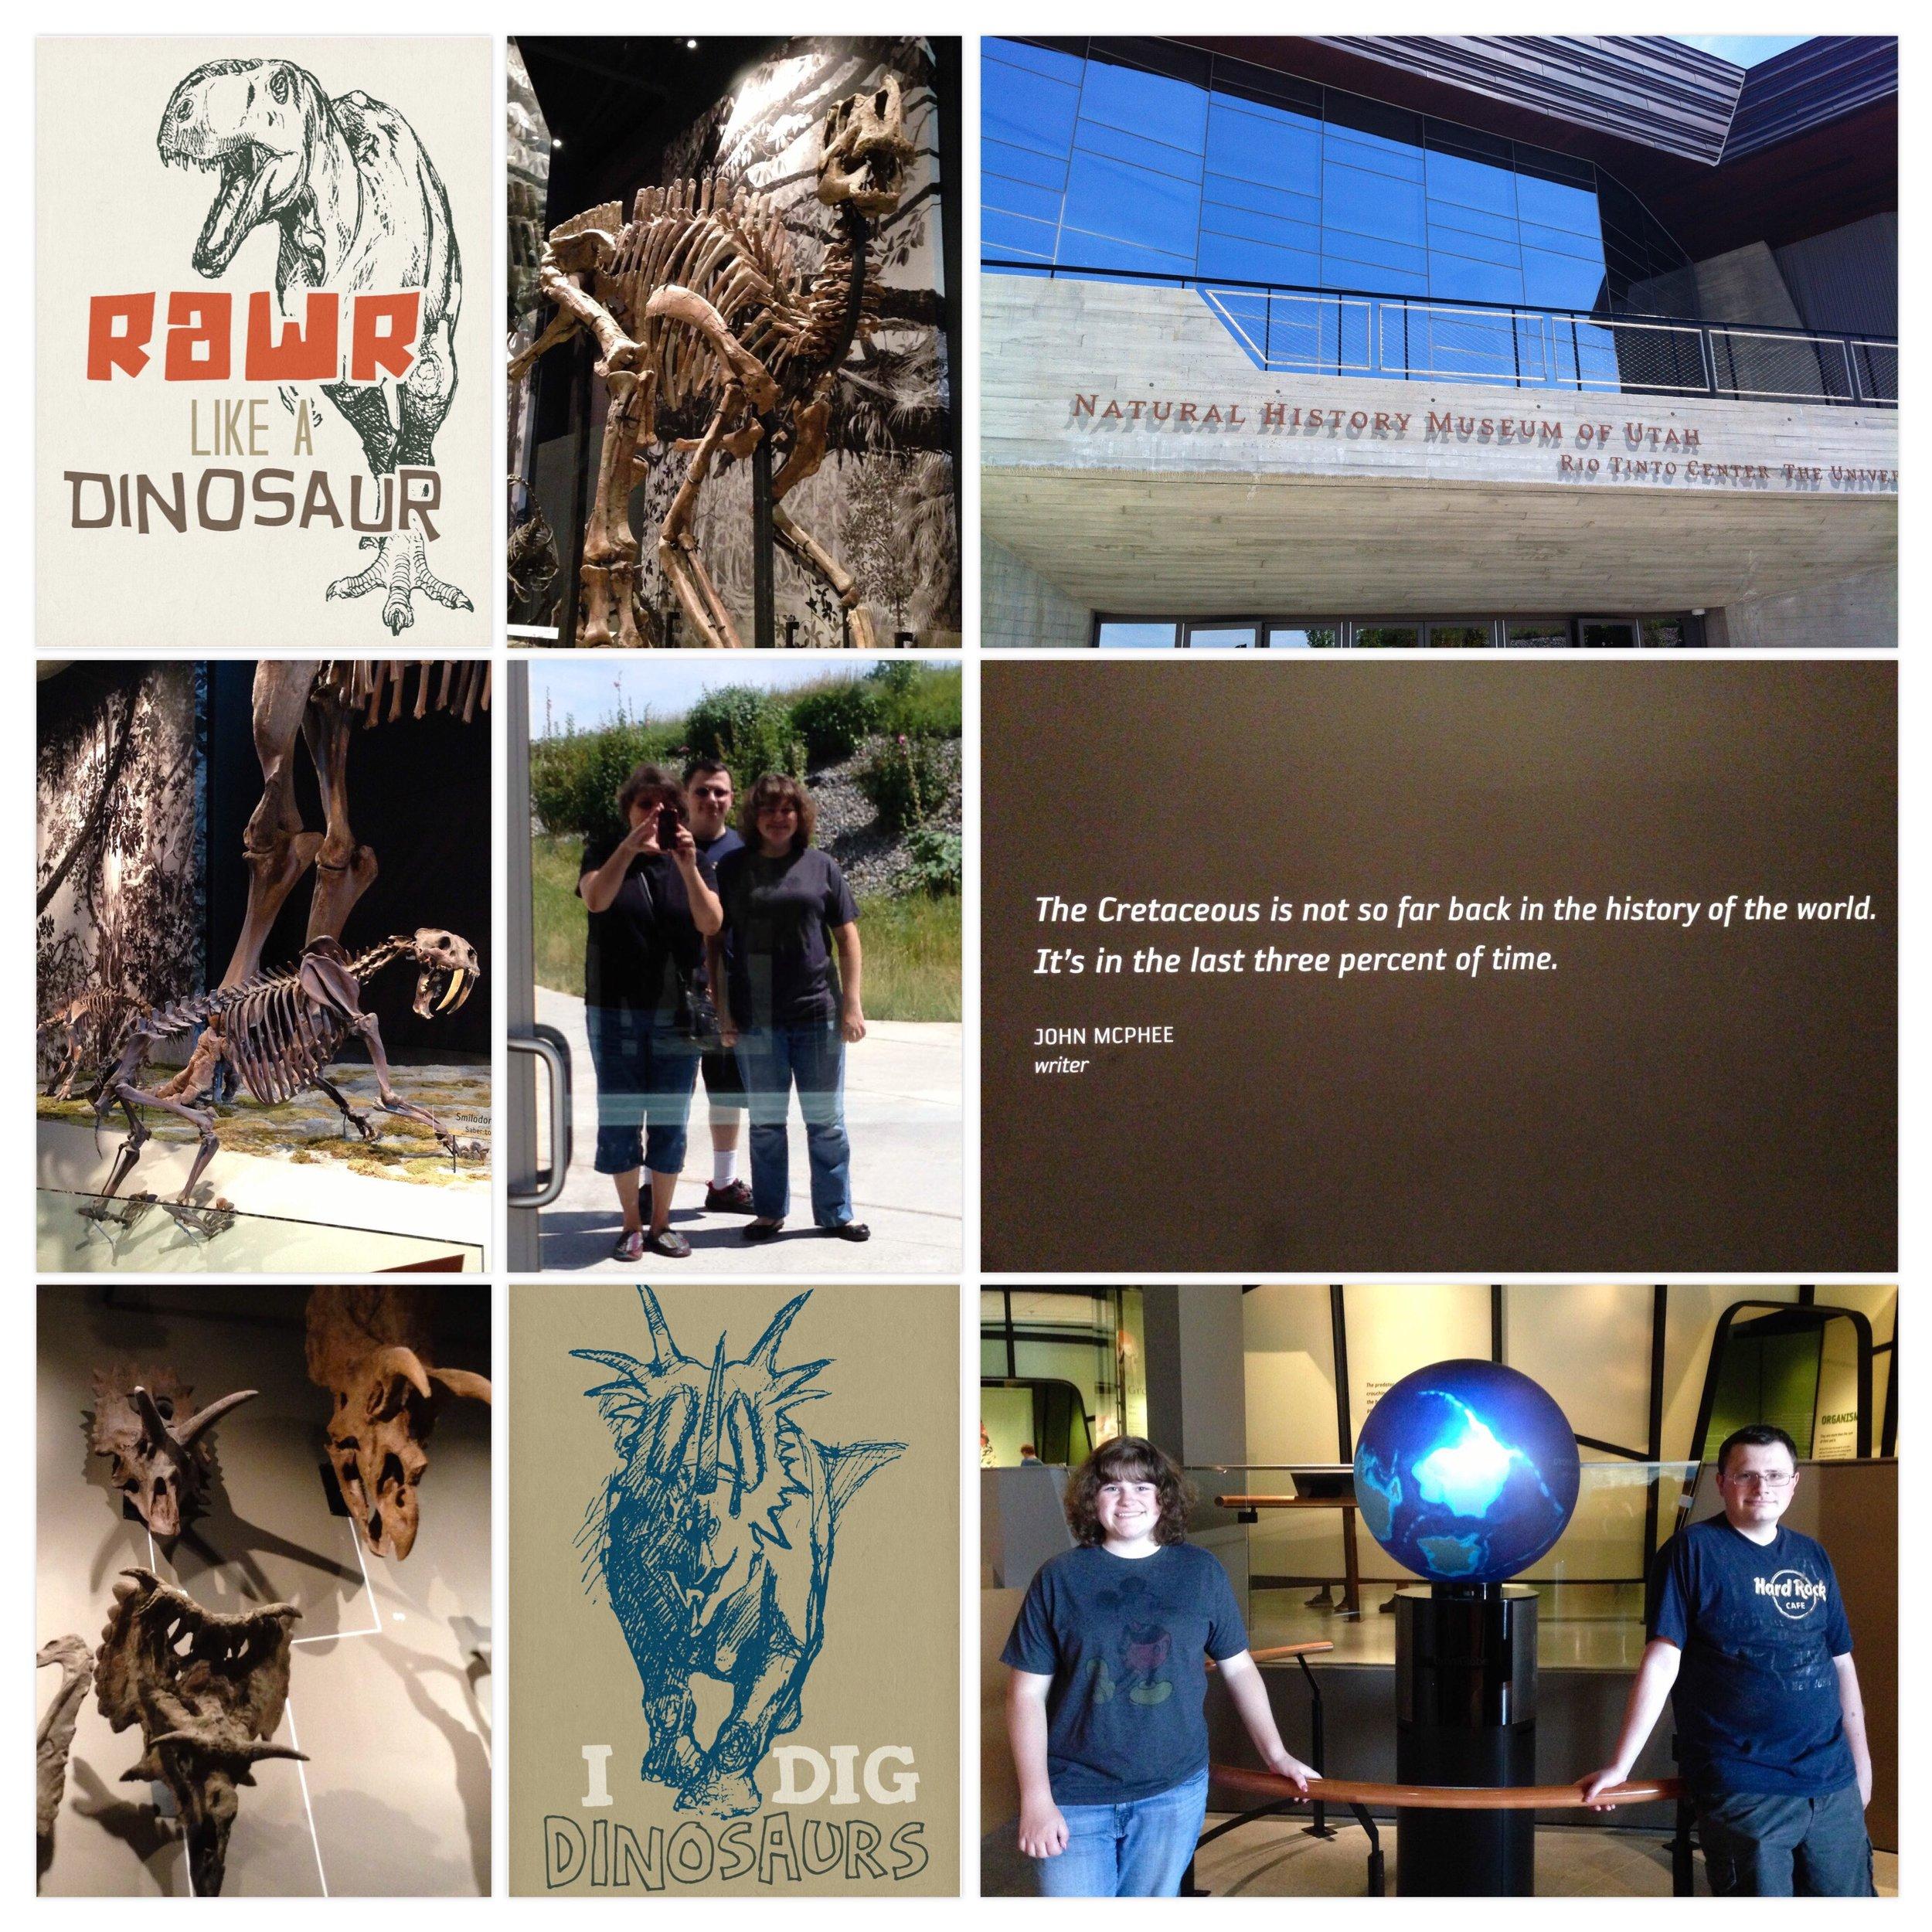 Natural History Museum of Utah 2013